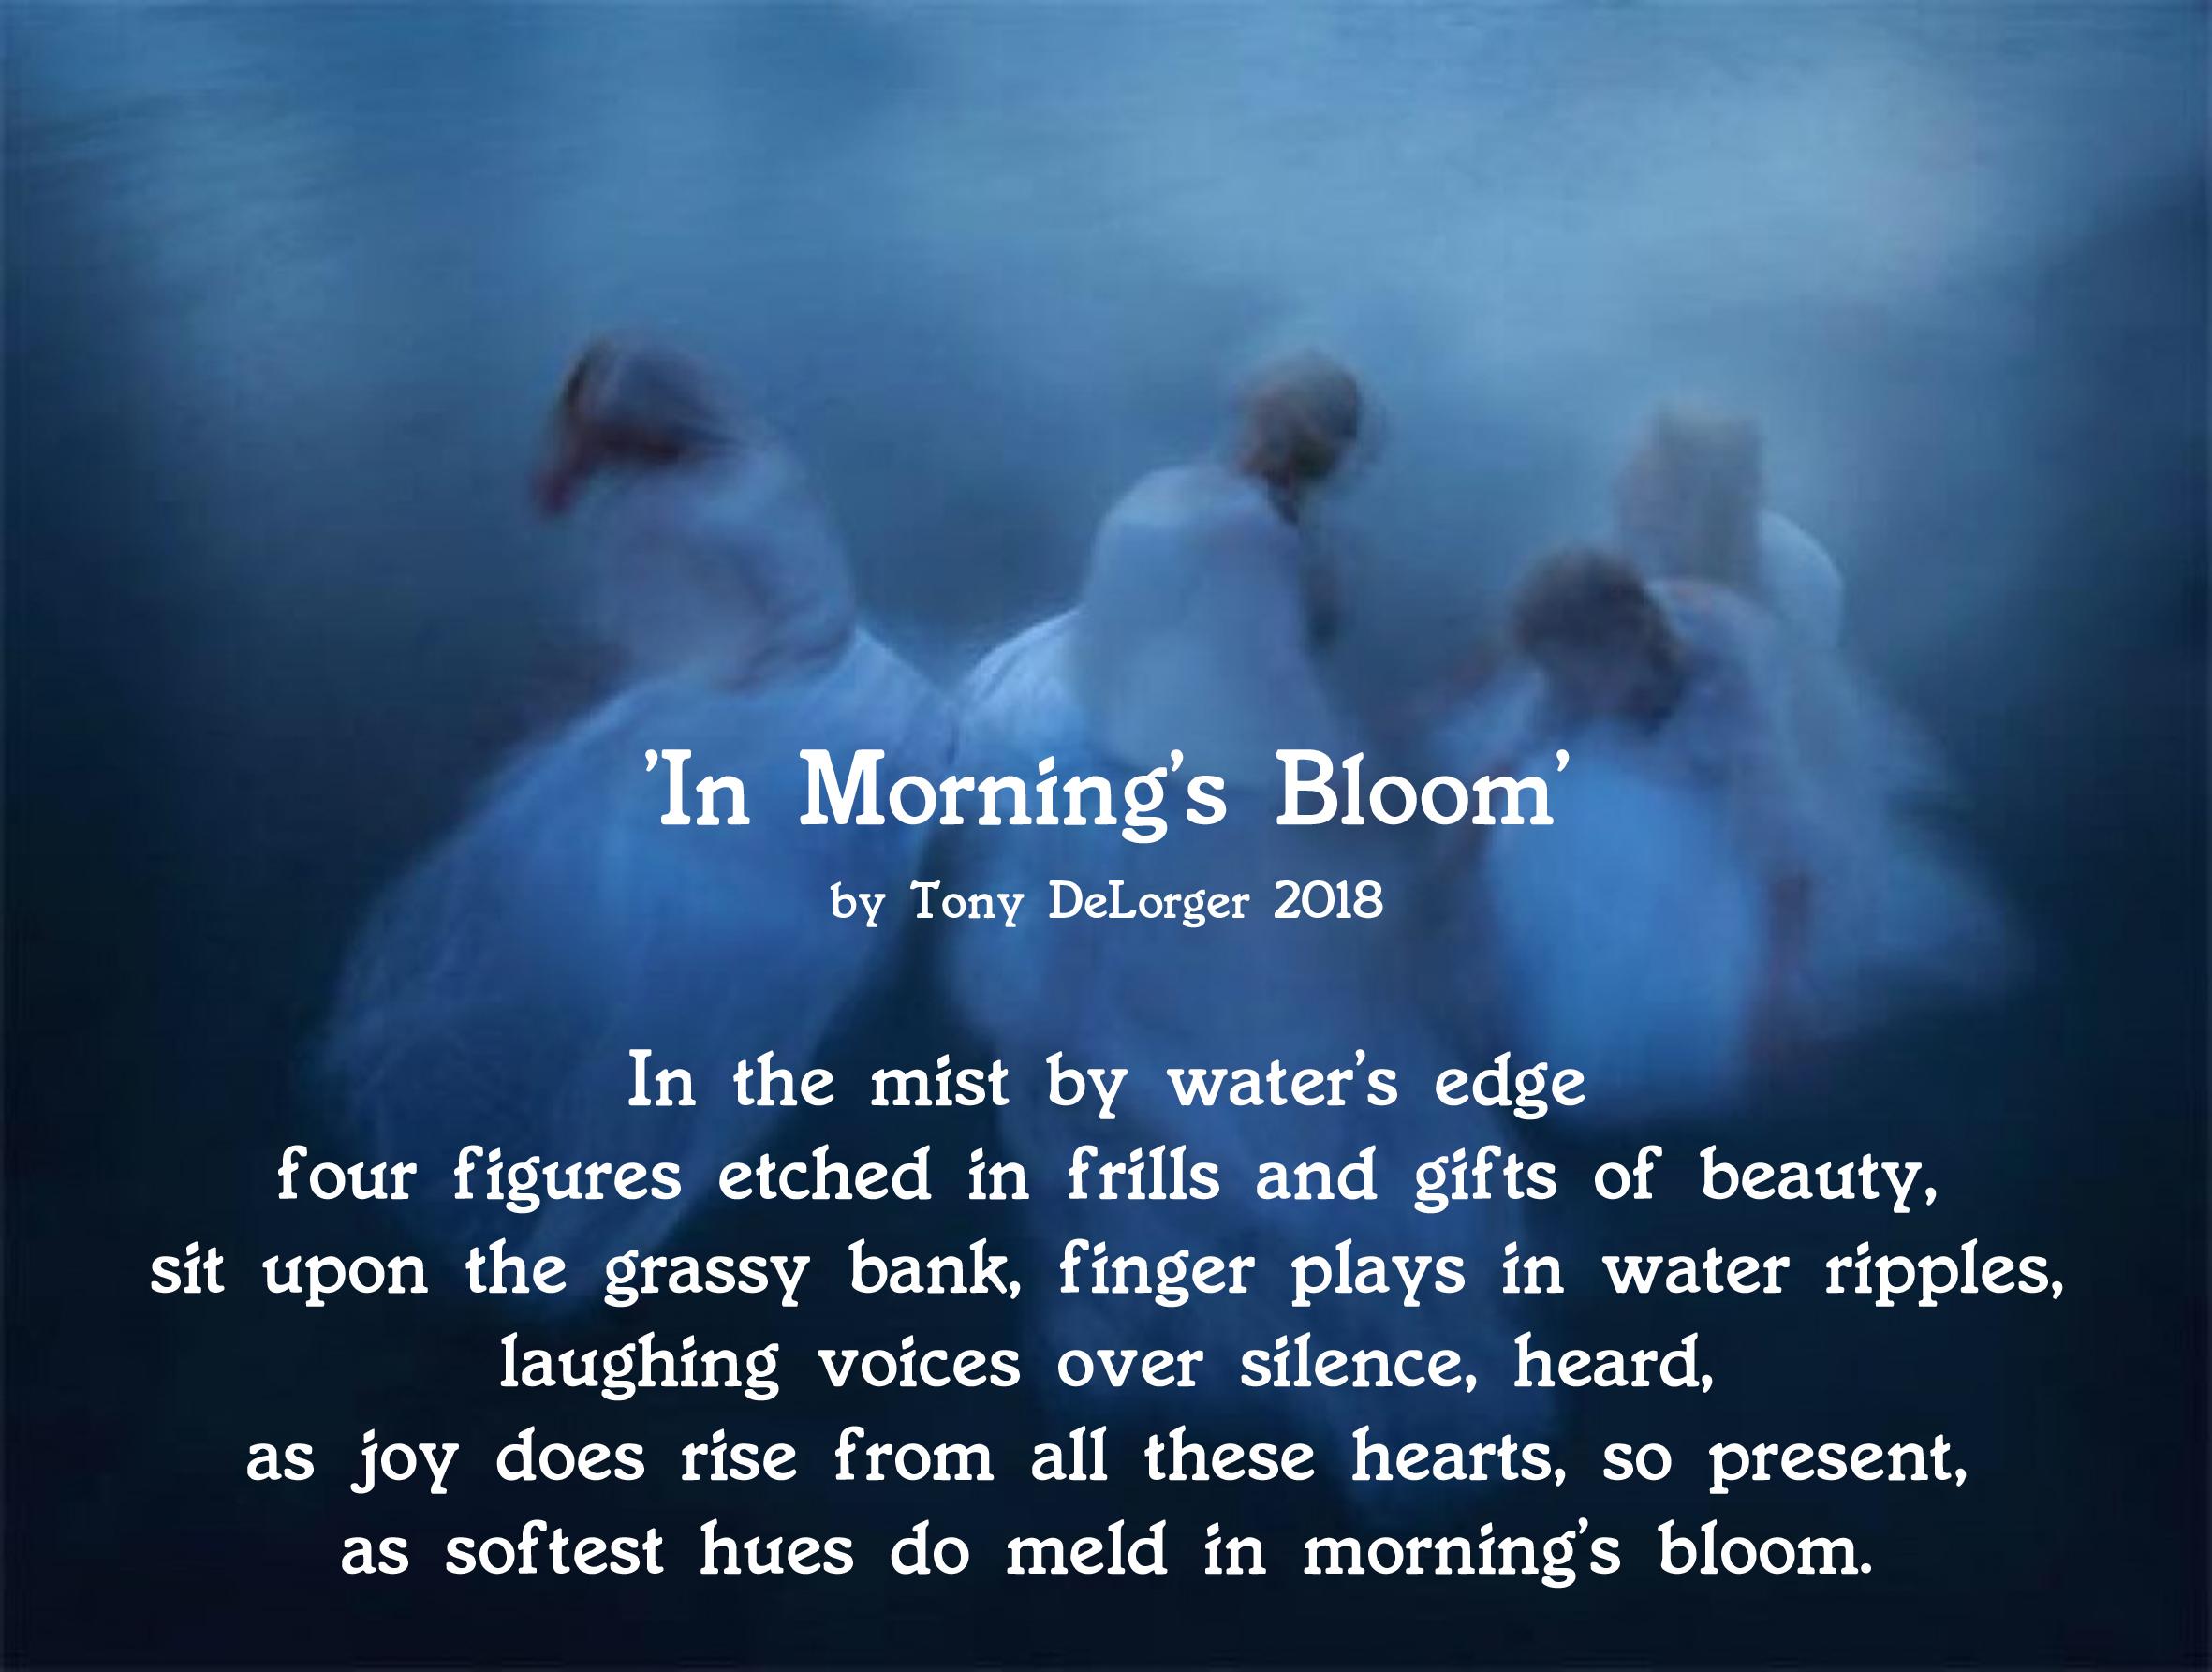 In Morning's Bloom